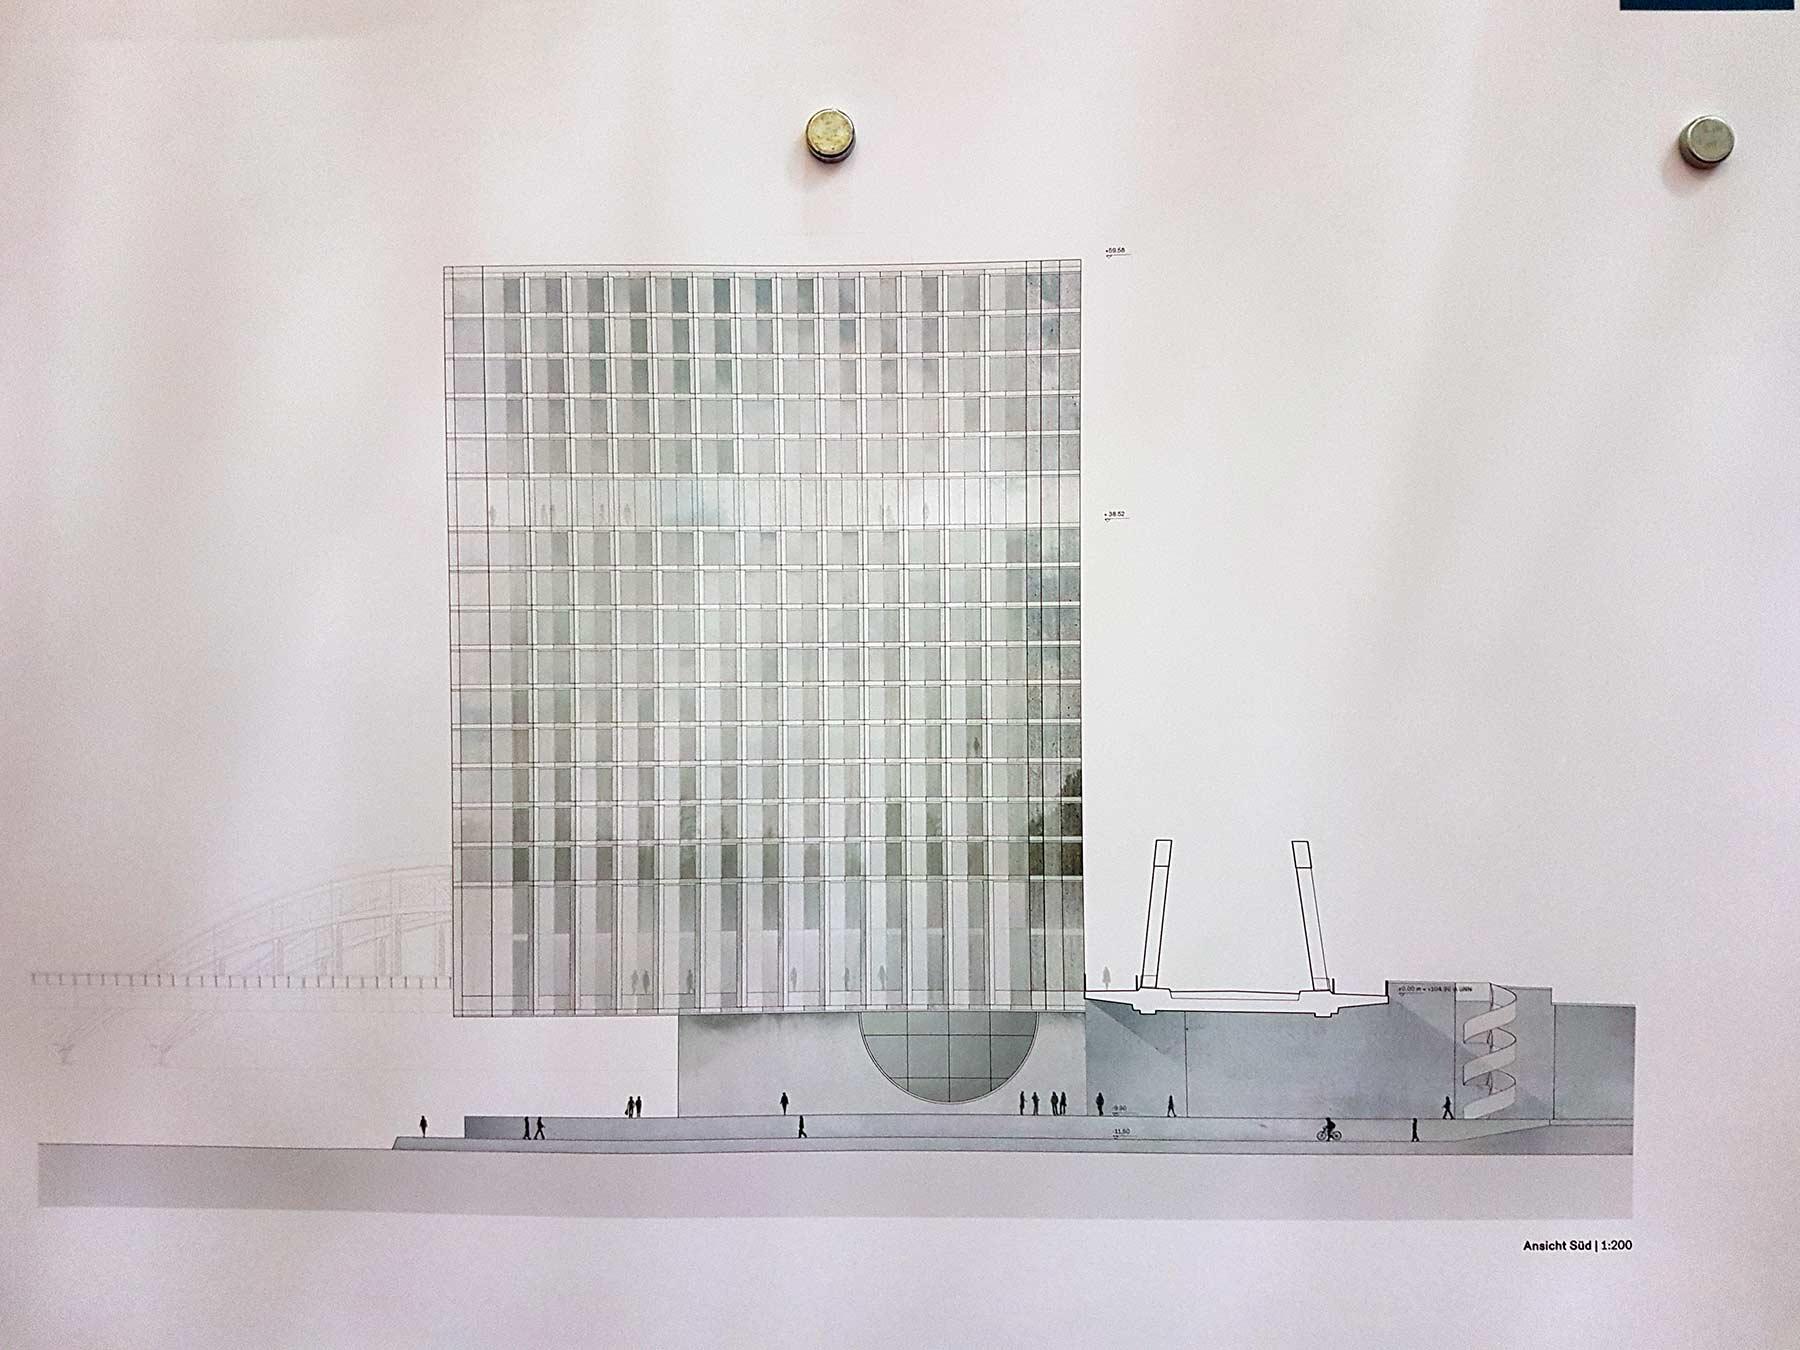 Waterfront Ansicht Süd - Ausstellung beim Planungsdezernat der Stadt Frankfurt - 1. Platz